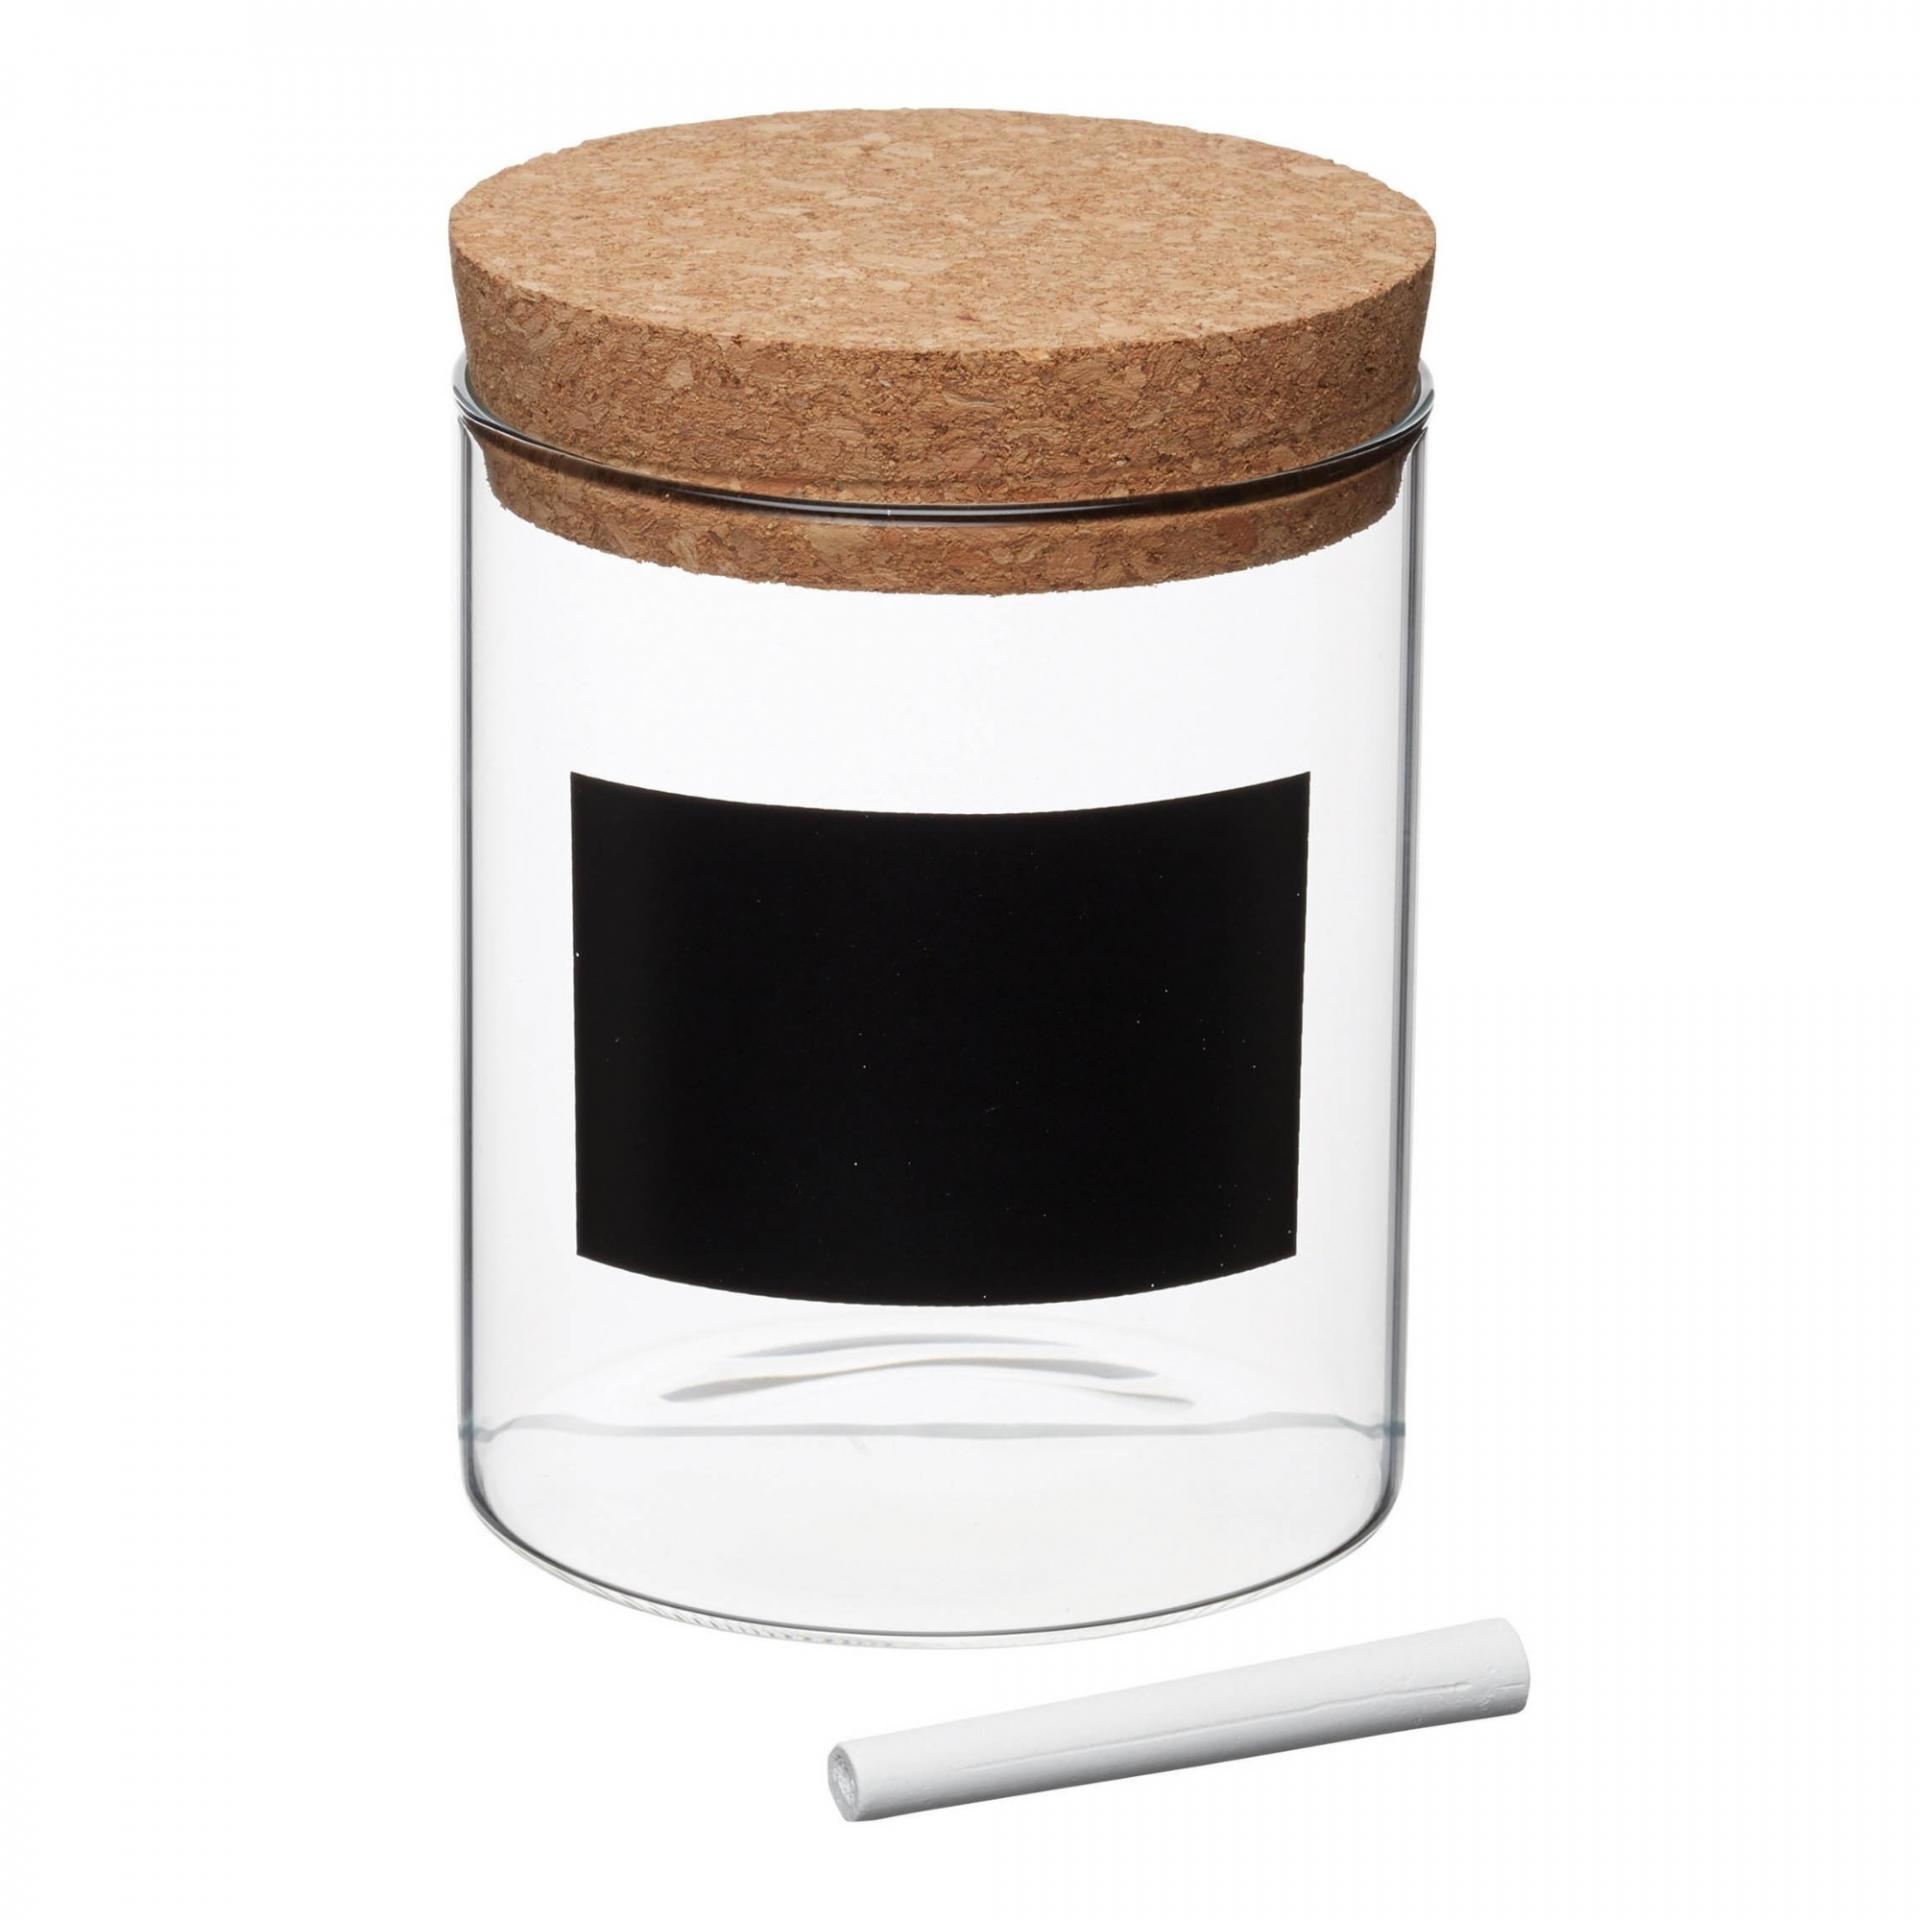 Kitchen Craft Skleněná dóza s korkovým víčkem S, čirá barva, přírodní barva, sklo, korek